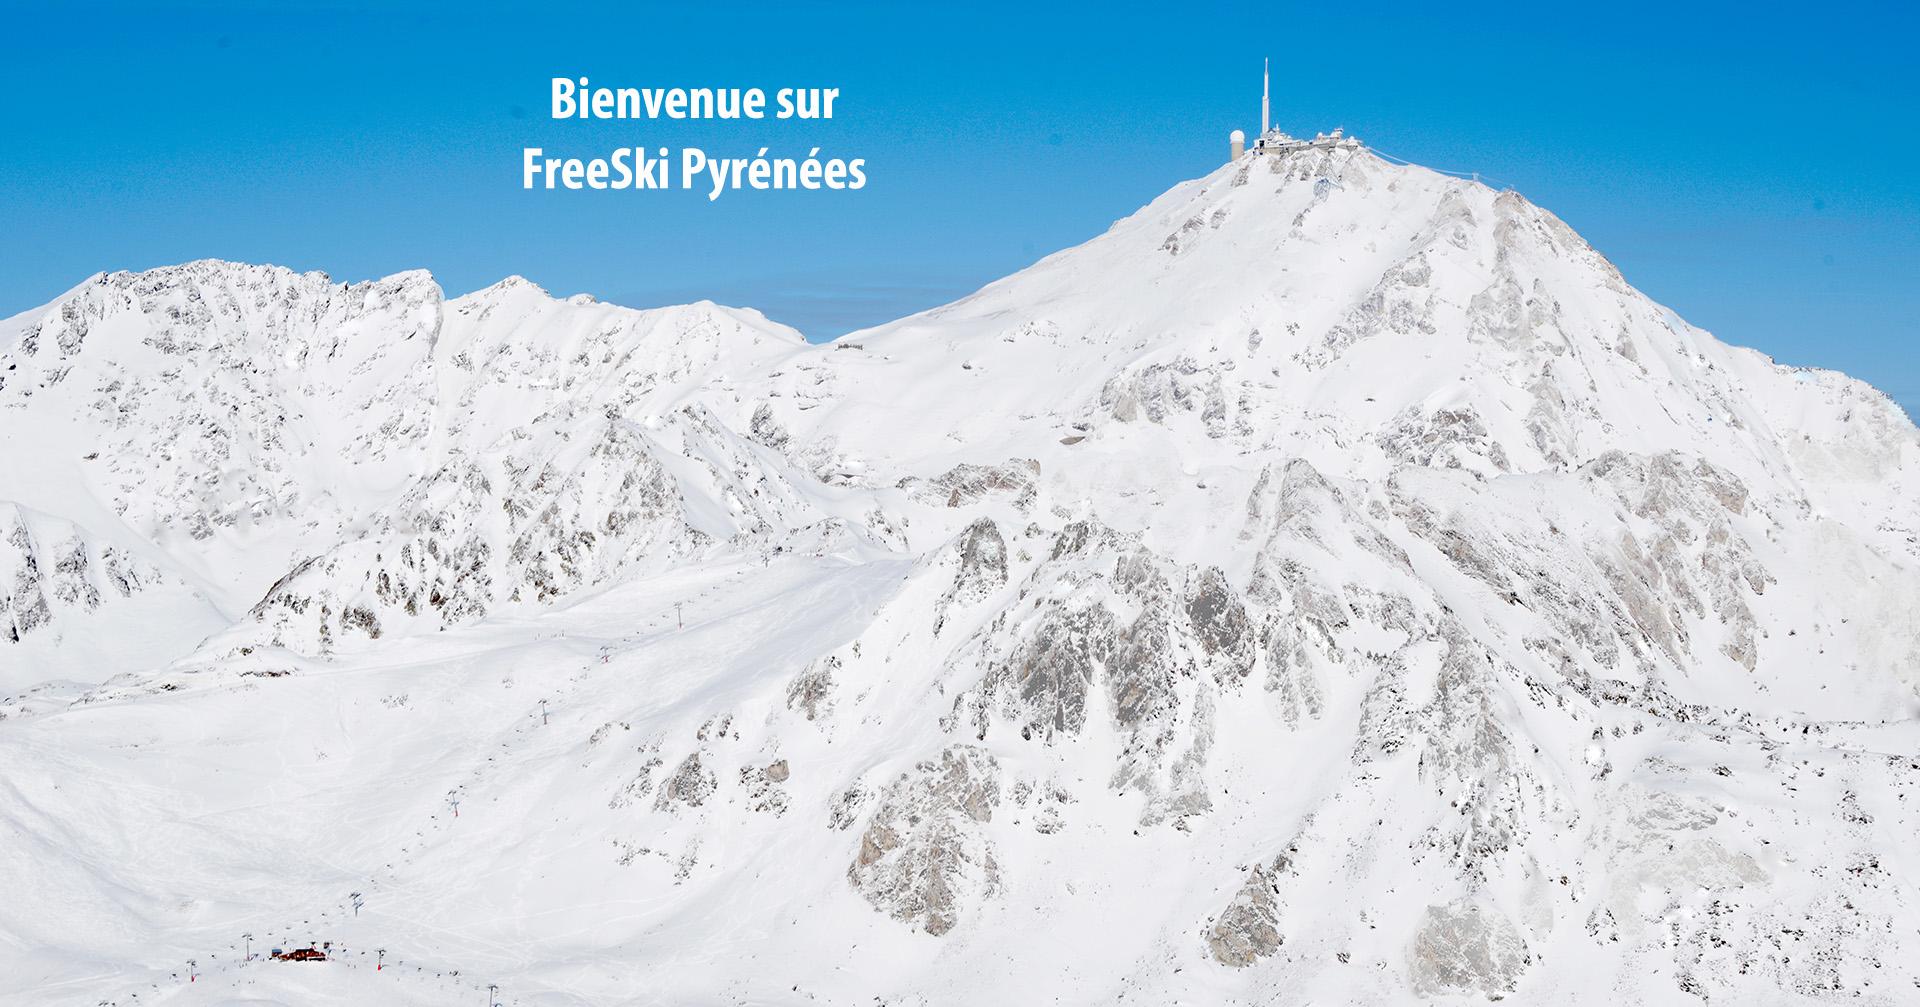 Bienvenue sur Freeski Pyrénées